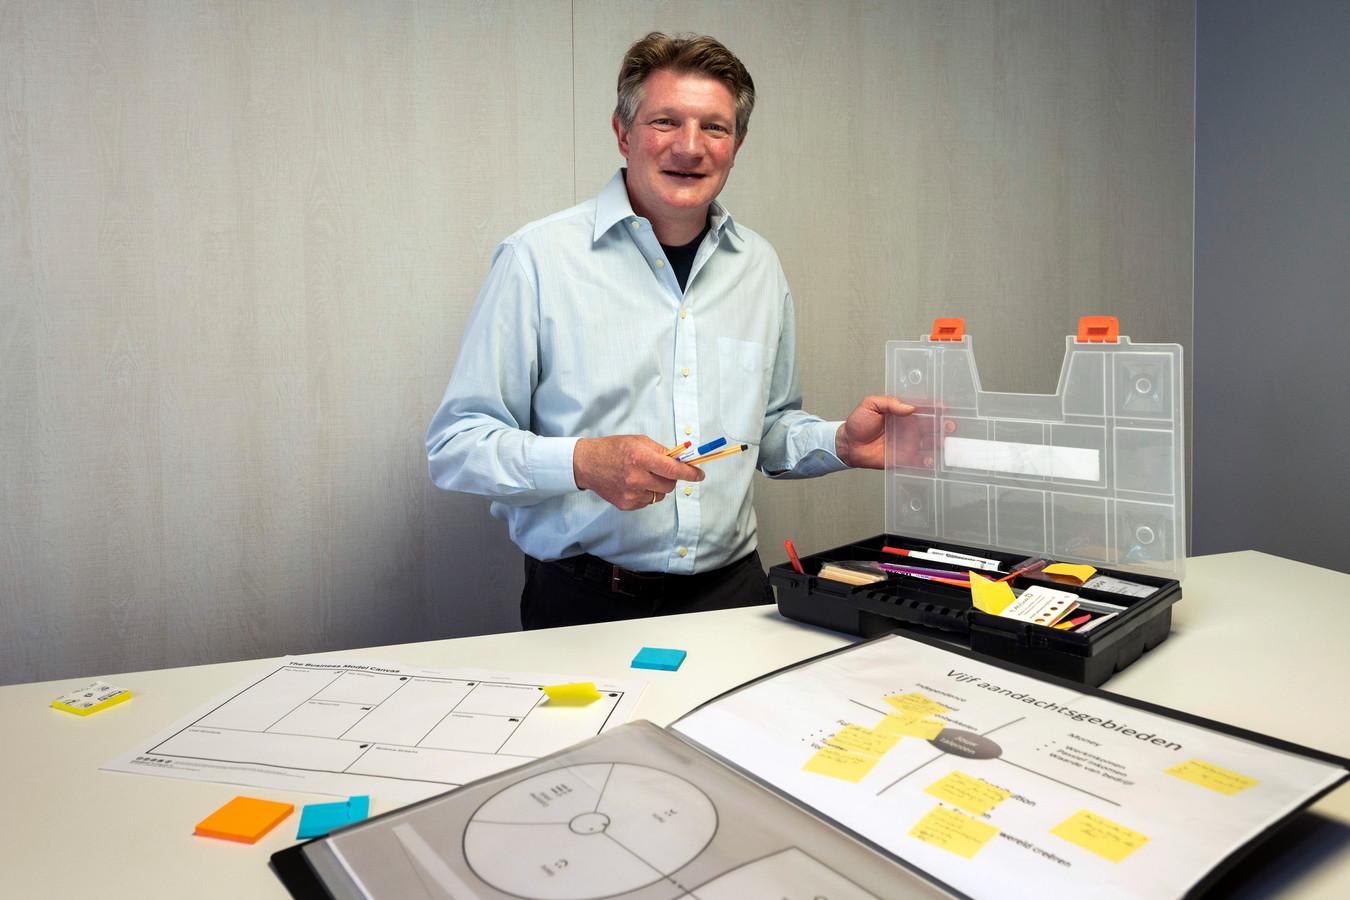 Gerrit Woerts heeft altijd en overal een kistje met stiften, potloden en post-its bij zich, zodat hij zaken visueel inzichtelijk kan maken.